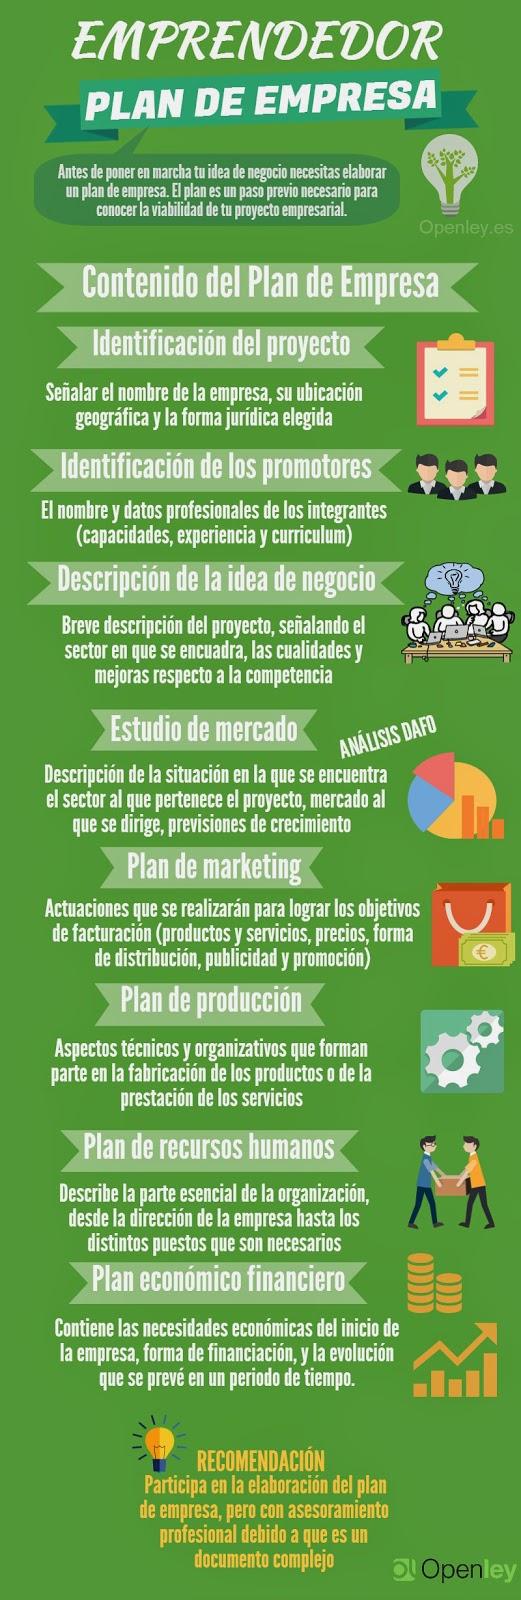 Plan de empresa para emprendedores